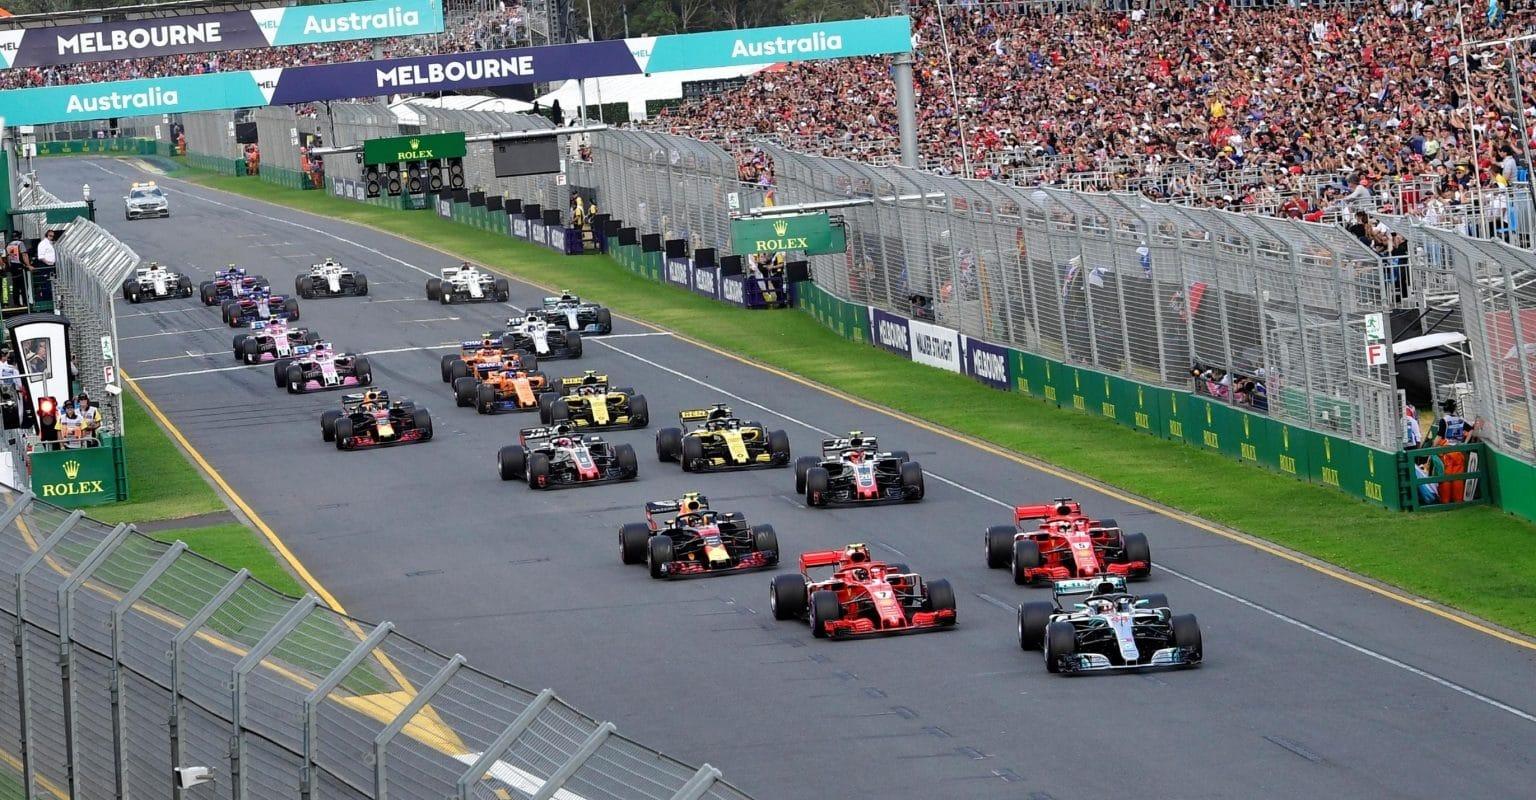 Vedení F1 chce příští rok zkusit kvalifikační závody